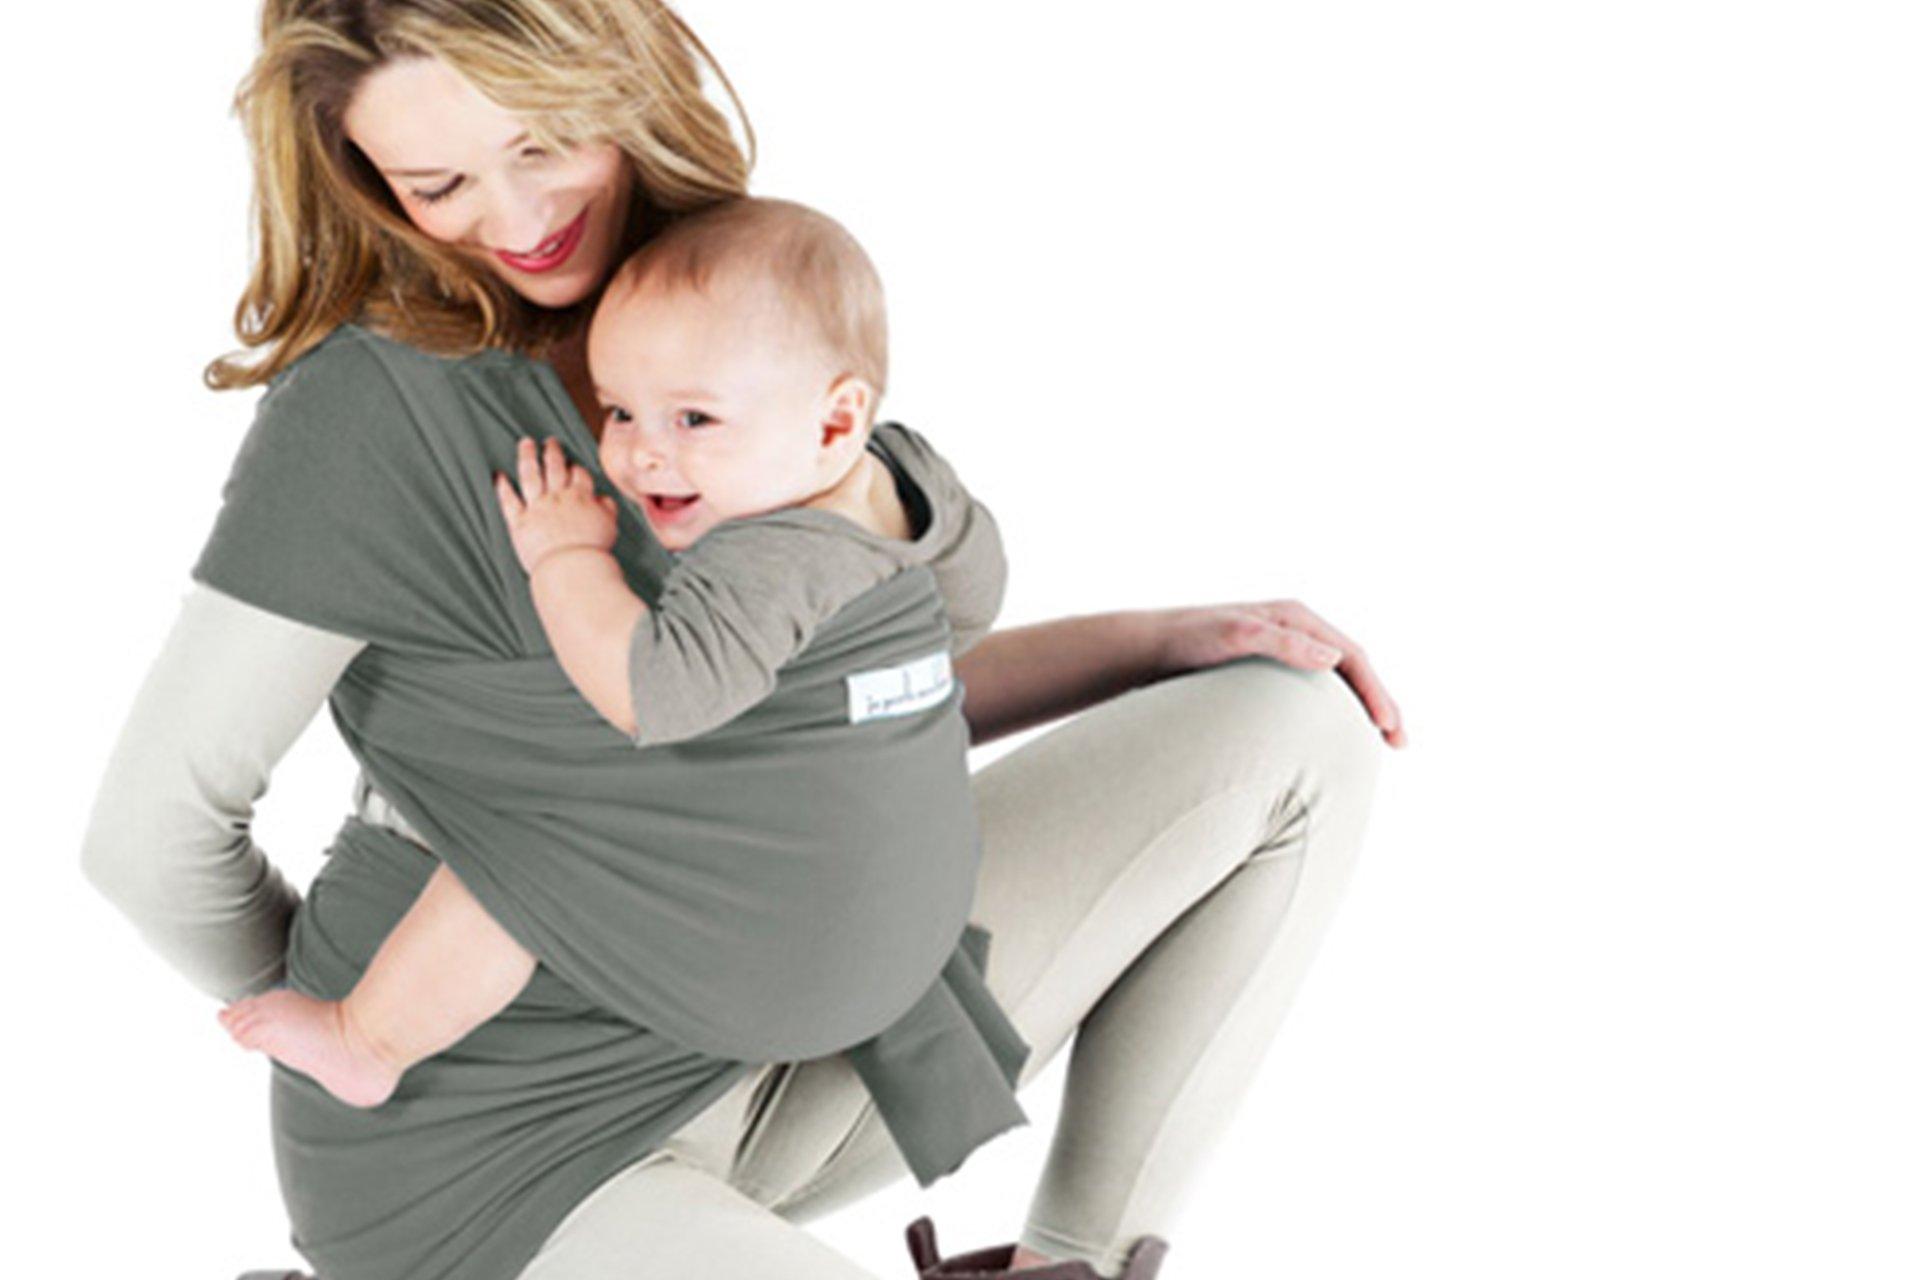 Come scegliere la fascia neonato? Ecco le migliori